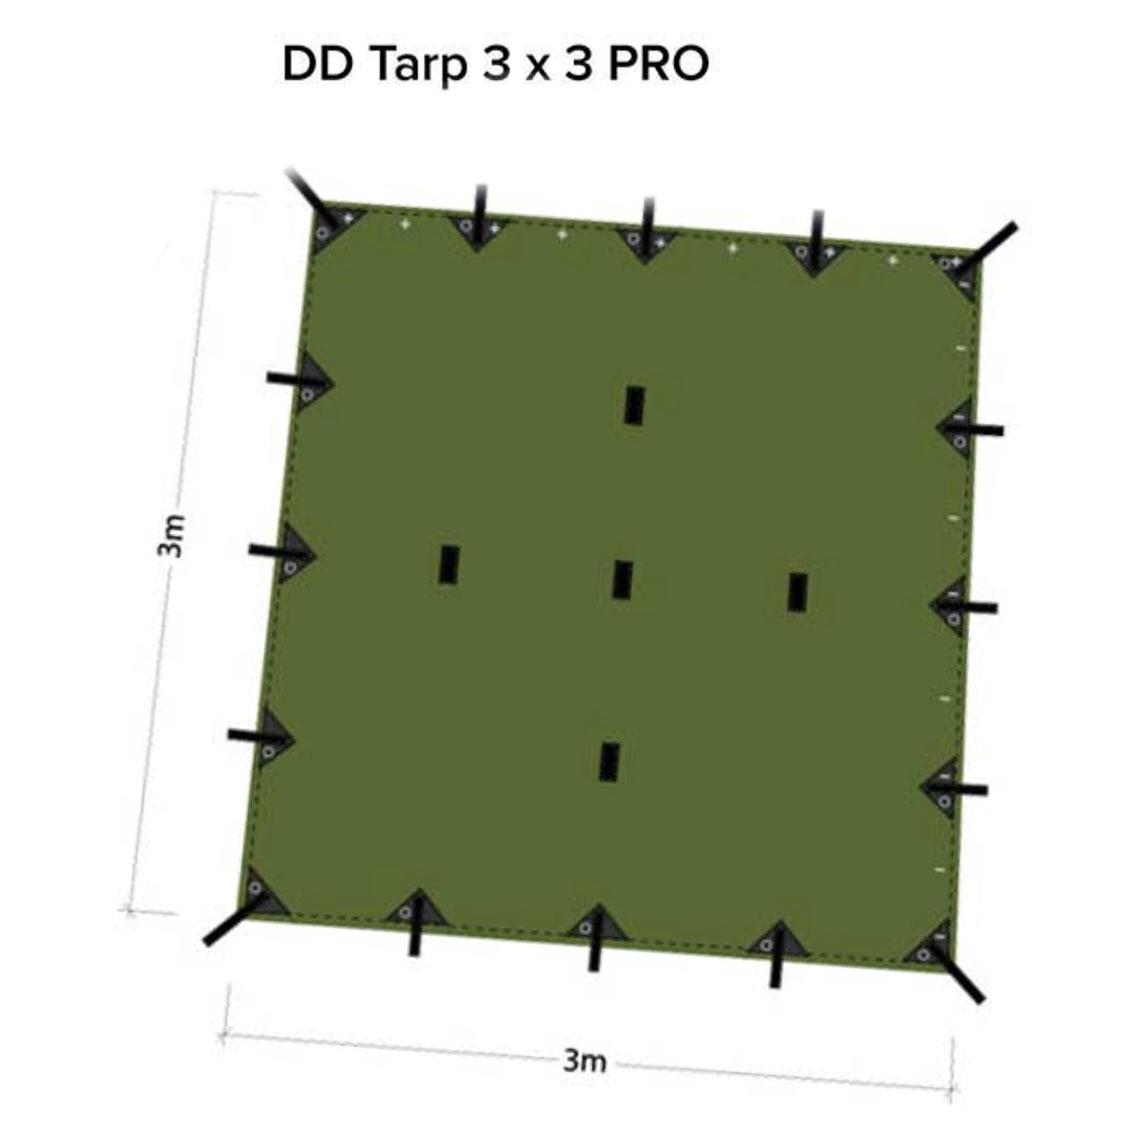 Dd Tarp Pro 3 X 3 M Olive Green